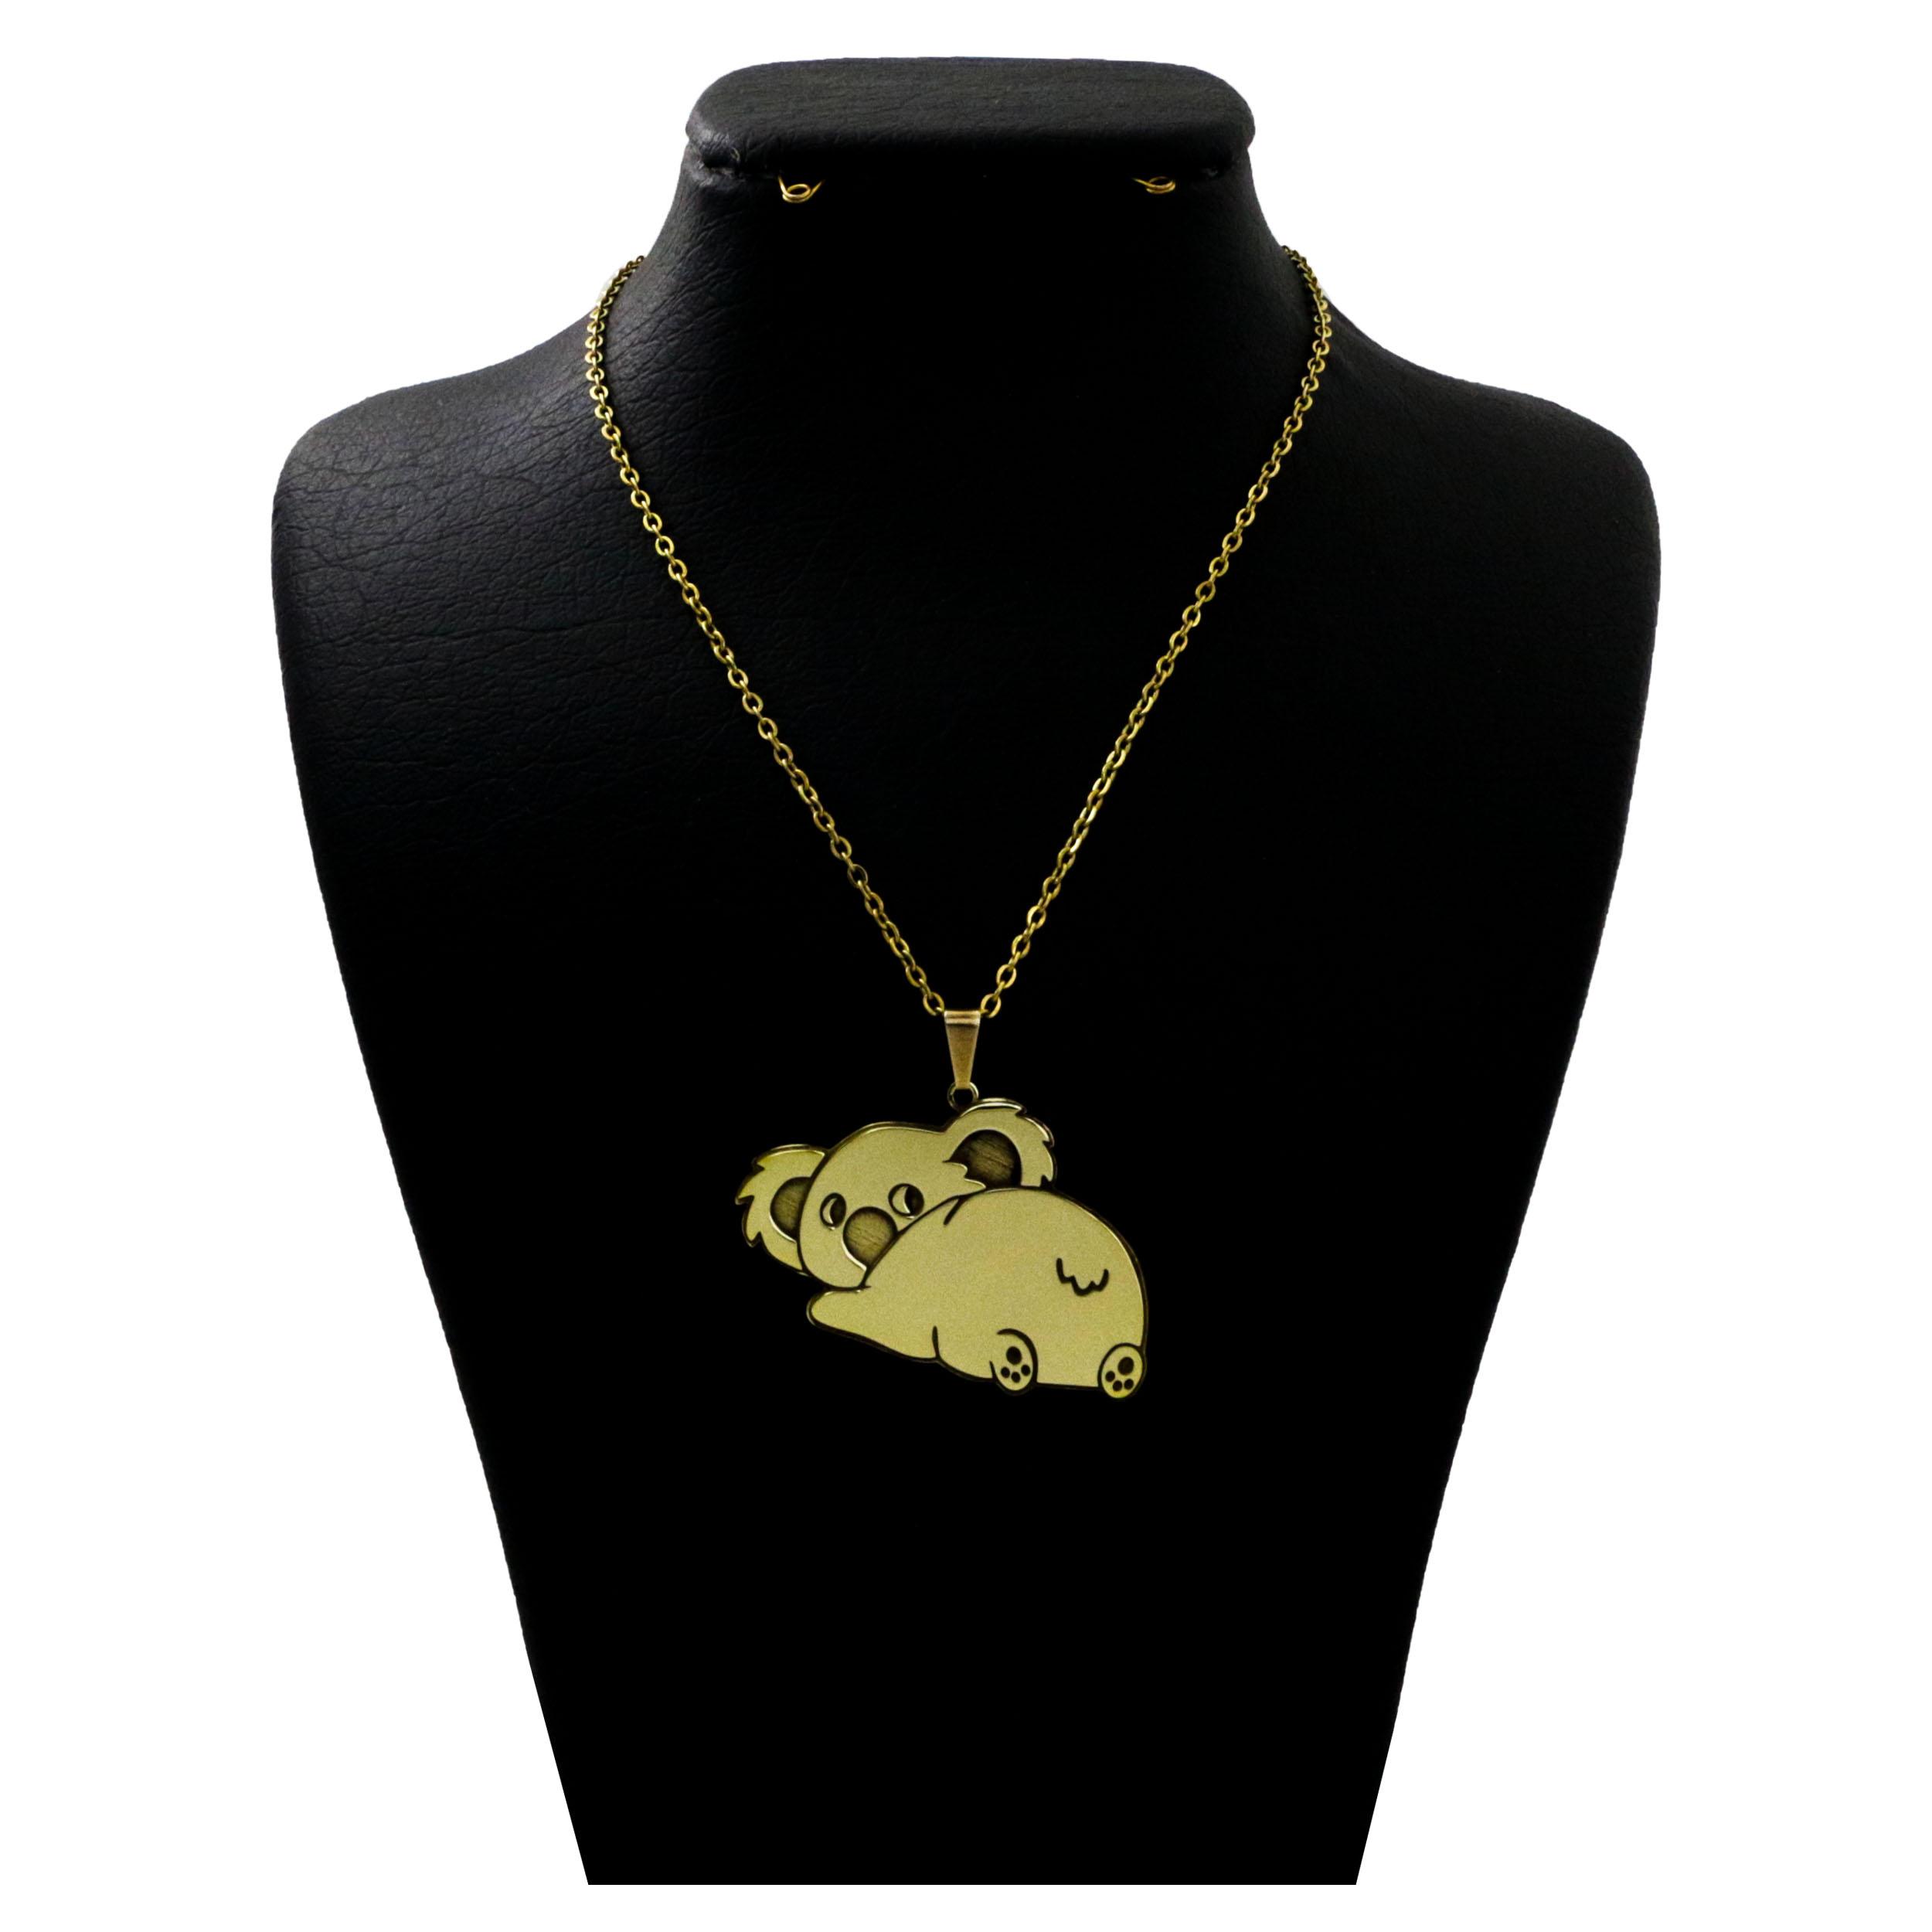 گردنبند نقره  زنانه دل دلی جم طرح کوالا  کد D 419